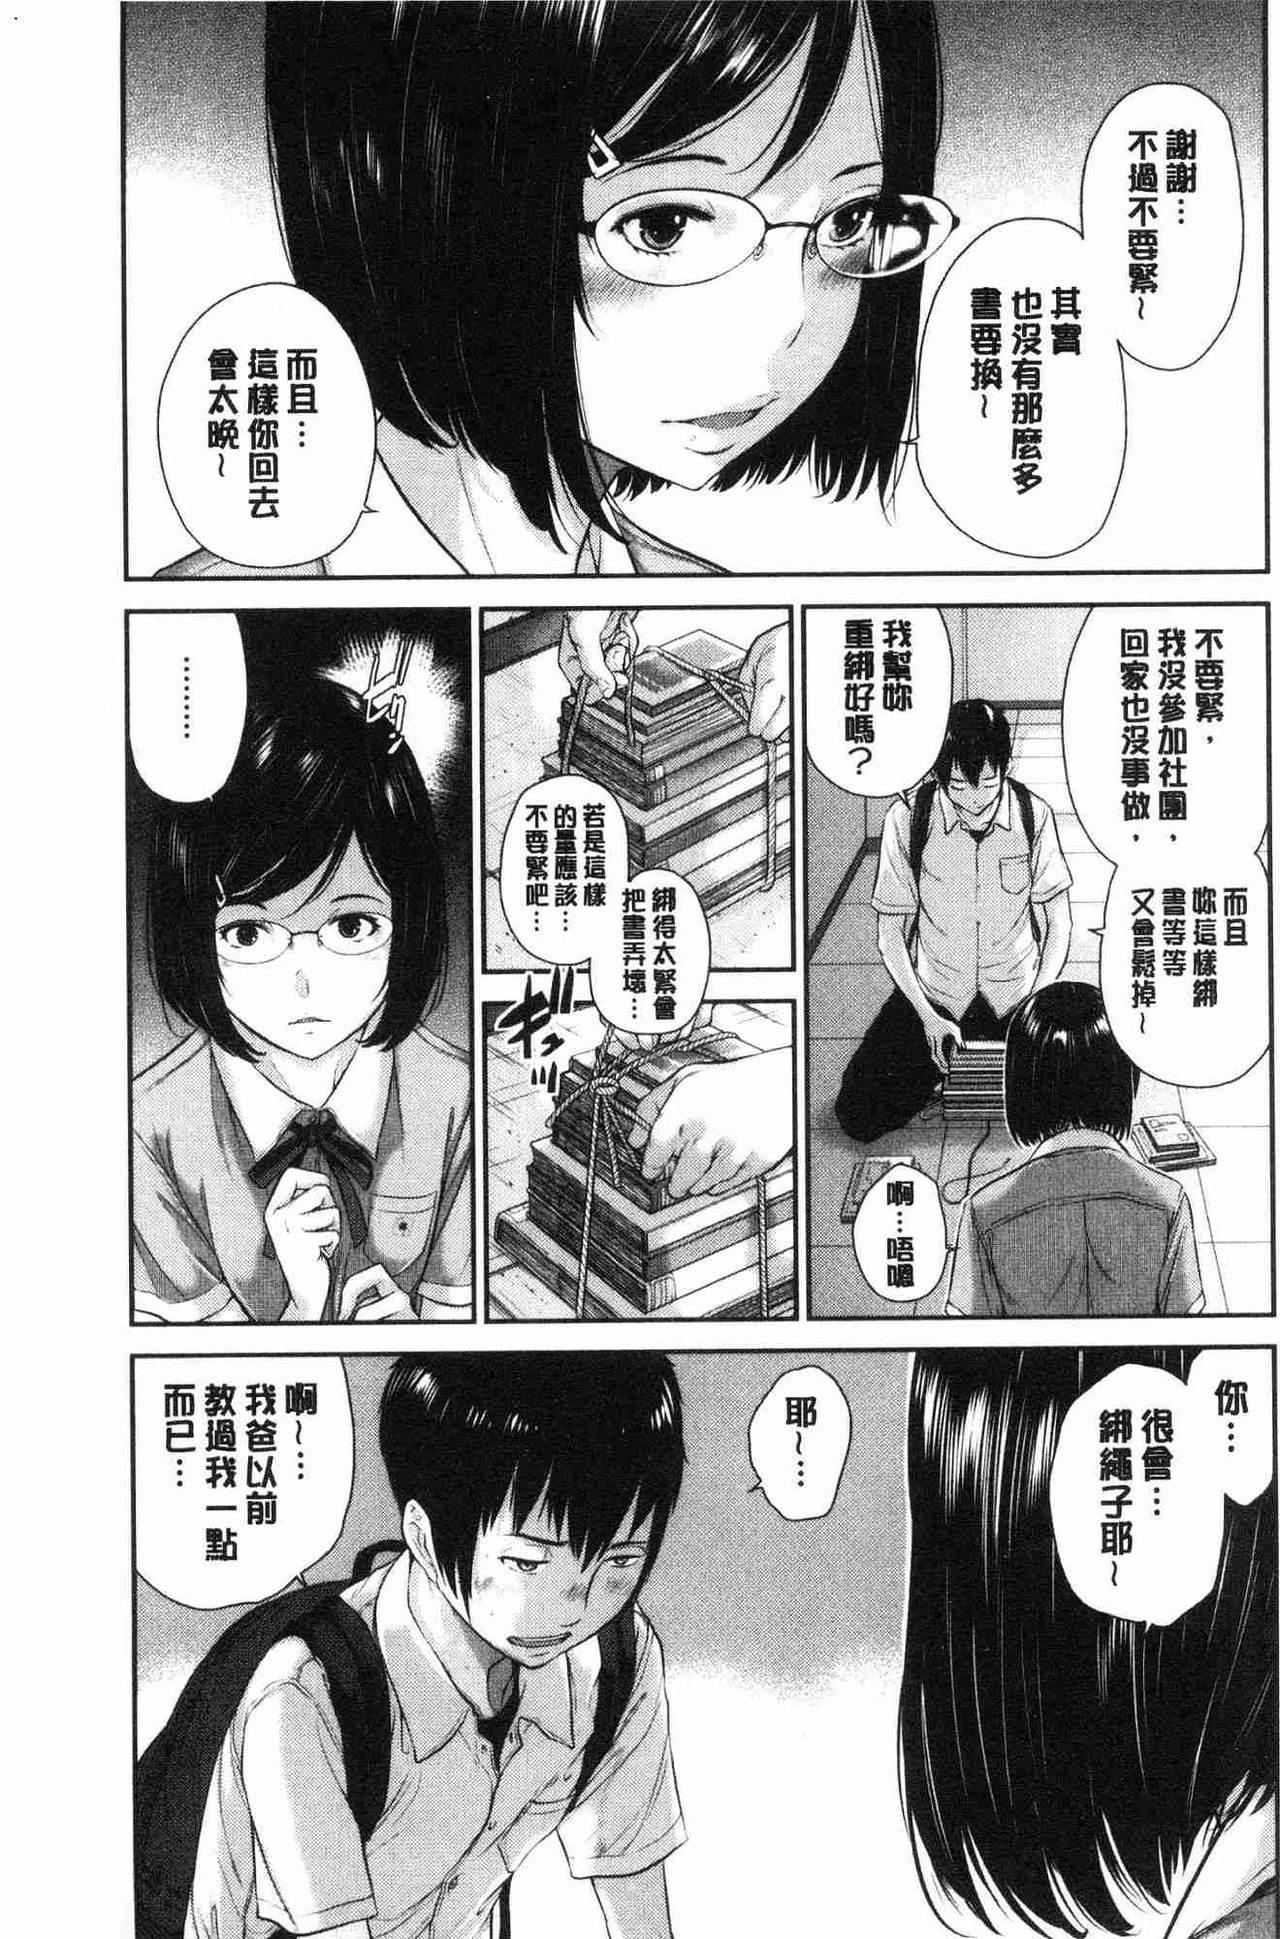 [Harazaki Takuma] Seifuku Shijou Shugi -Natsu- - Uniforms supremacy [Chinese] 35